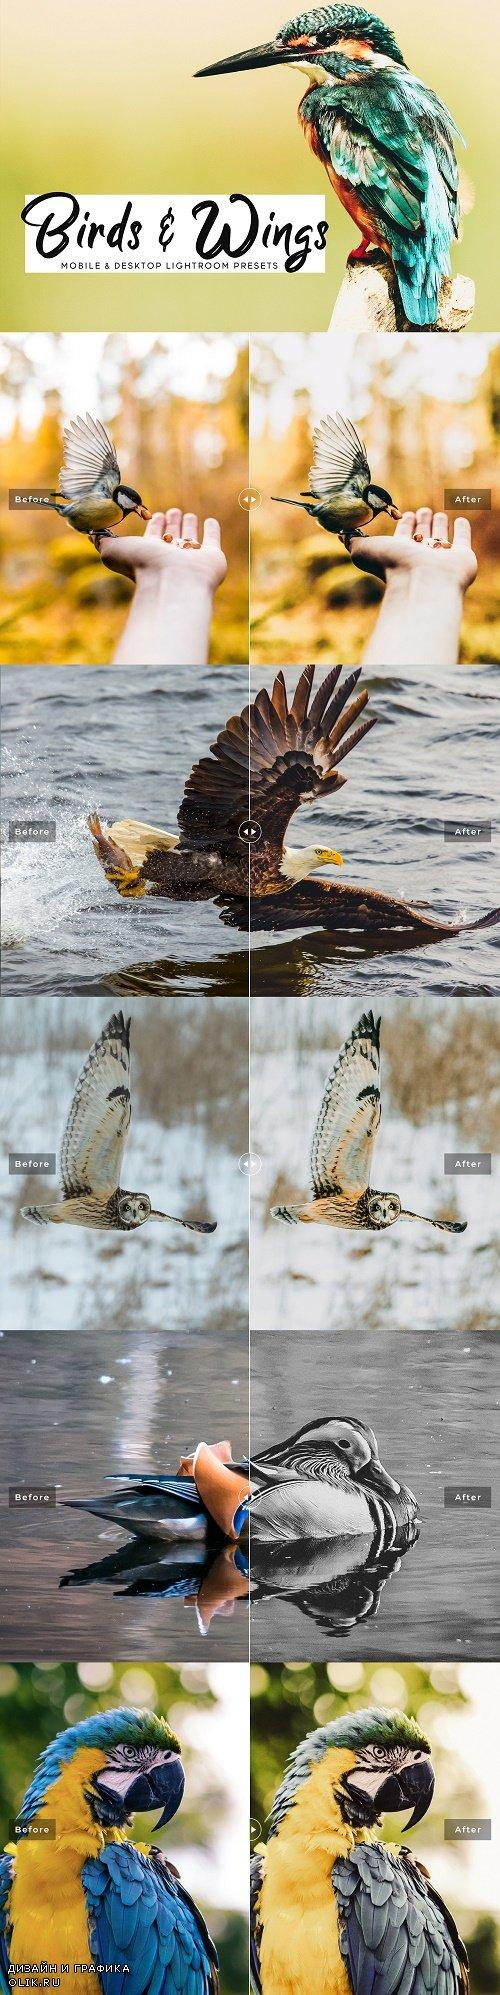 Birds & Wings LRM Presets Pack - 3812746